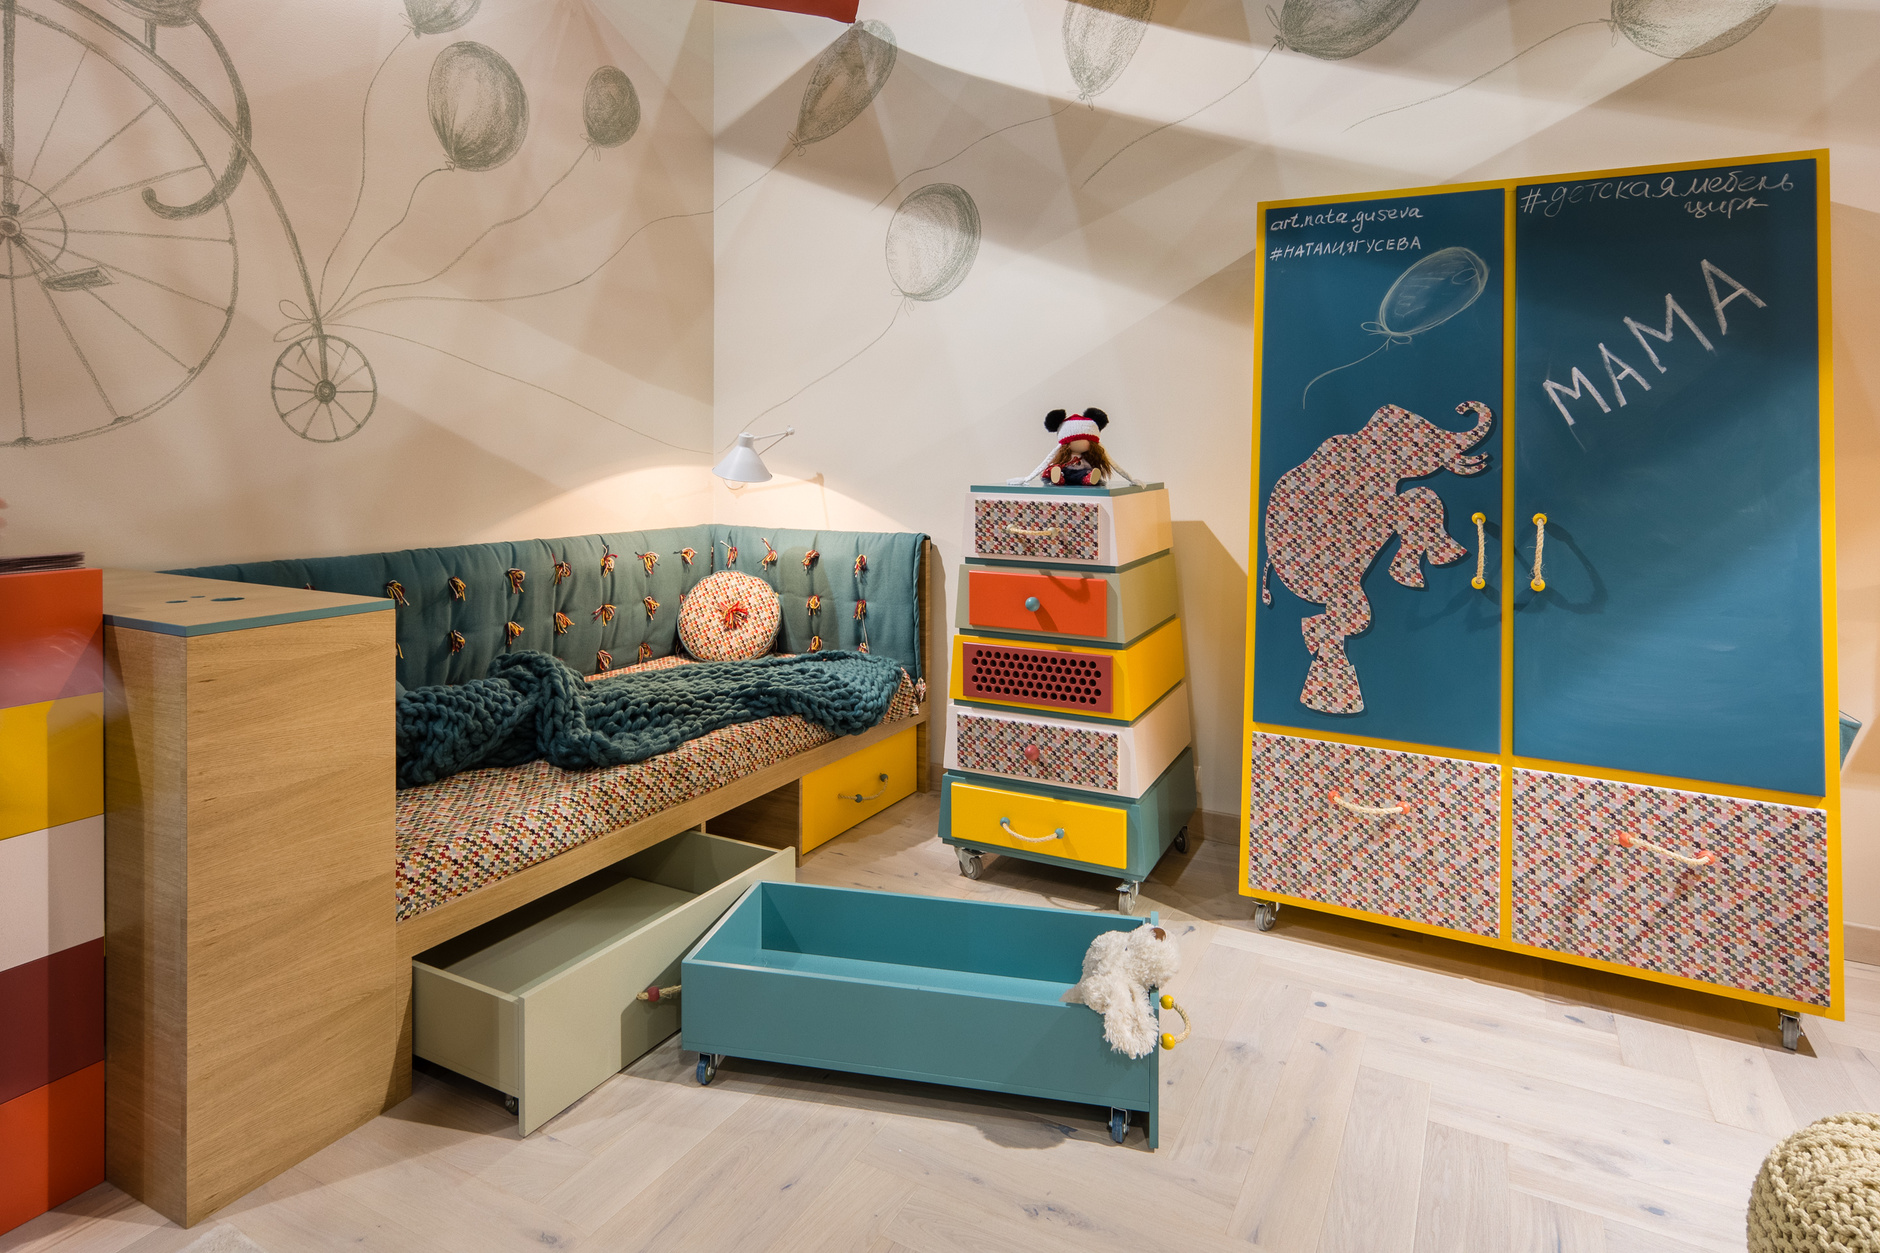 Веселые ребята: детская мебель дизайнера Натальи Гусевой (галерея 8, фото 5)